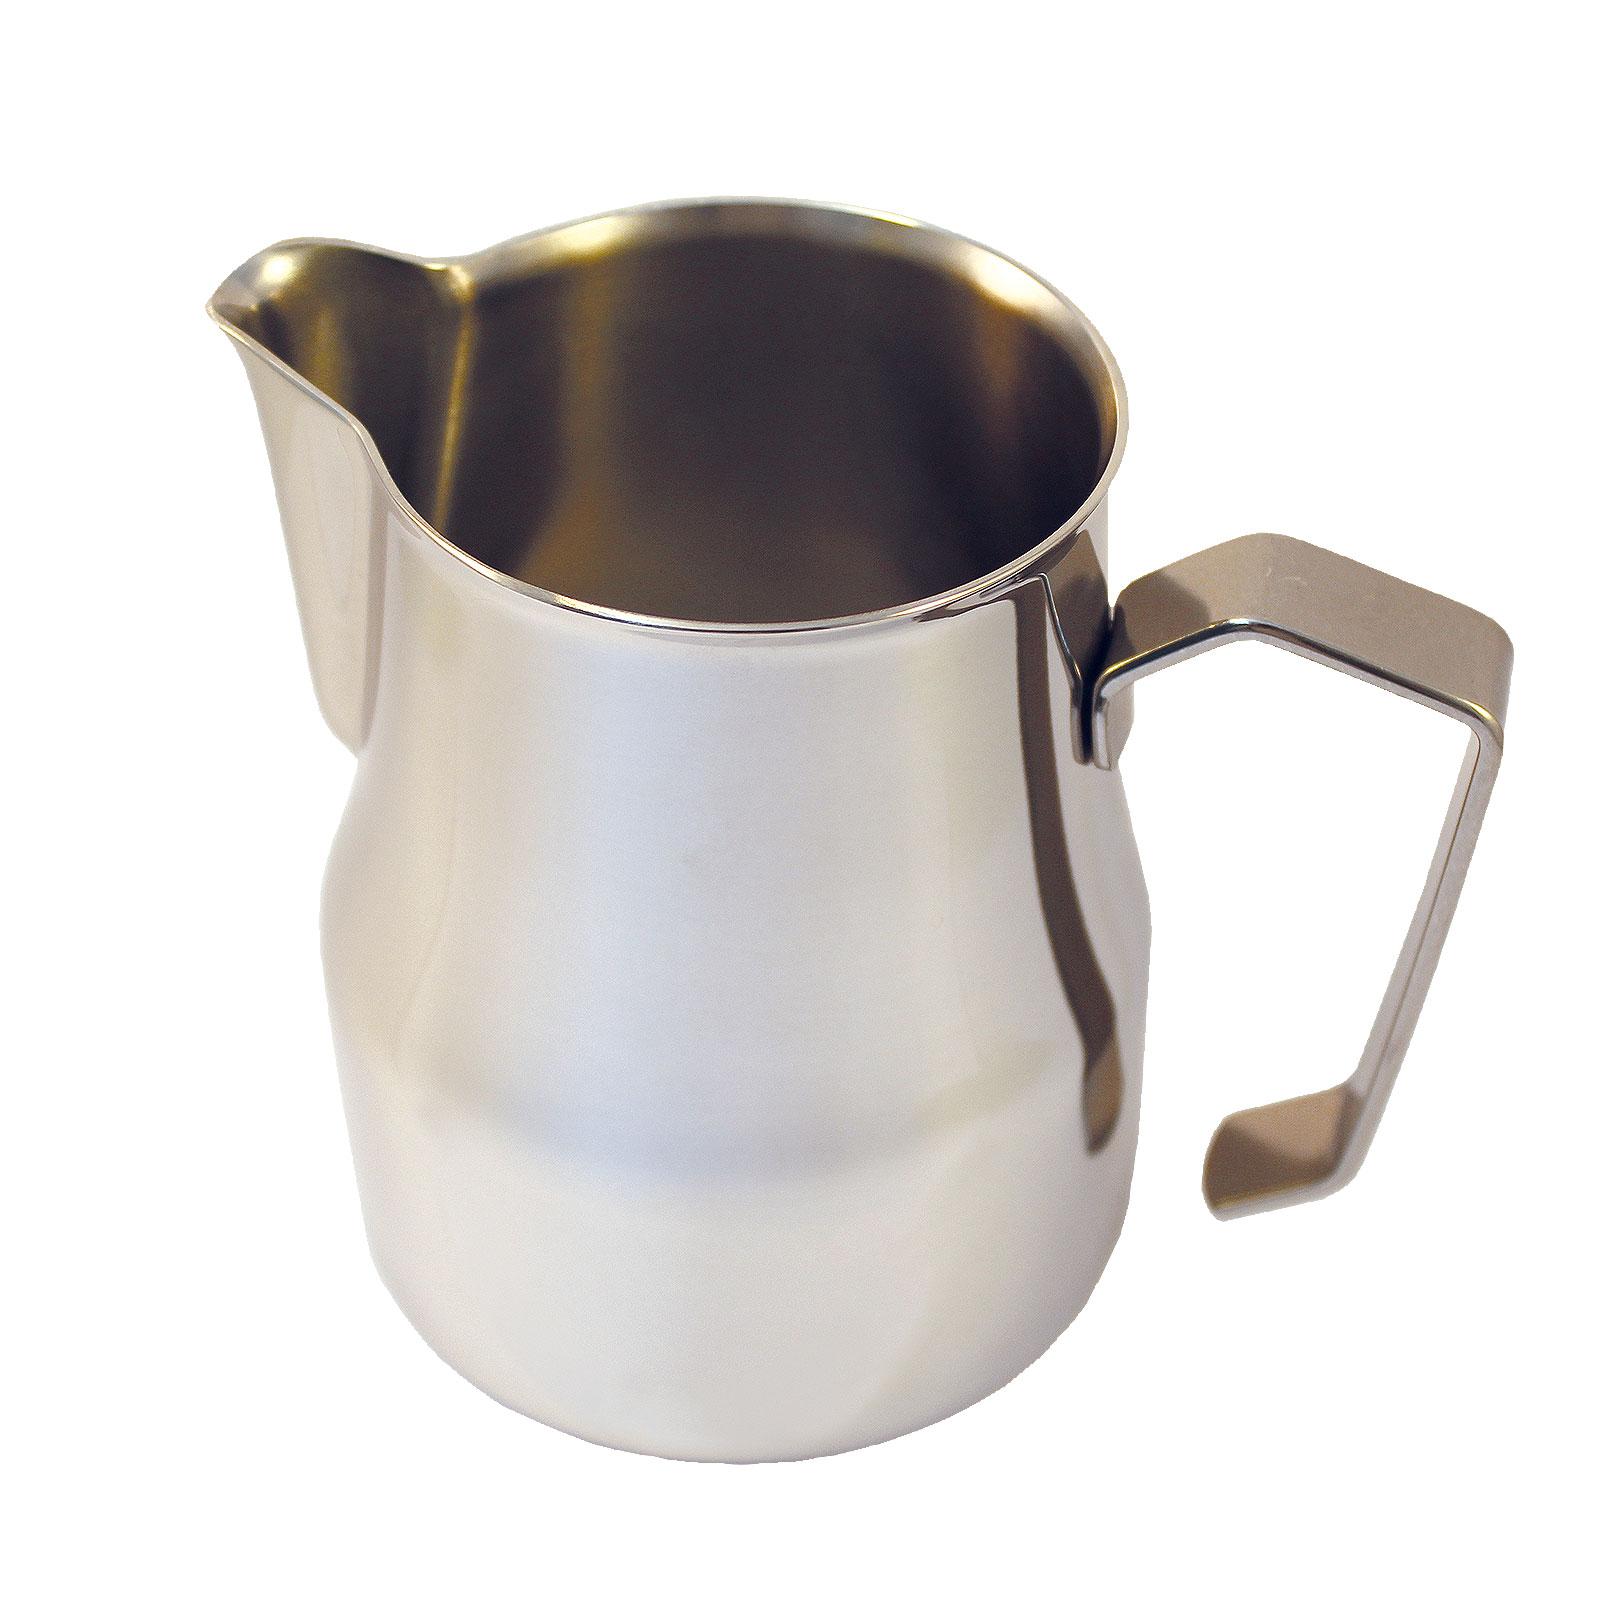 Motta Aufschäumbehälter, Milchkanne Europa mit Auslauf Barista Zubehör 0,50 l